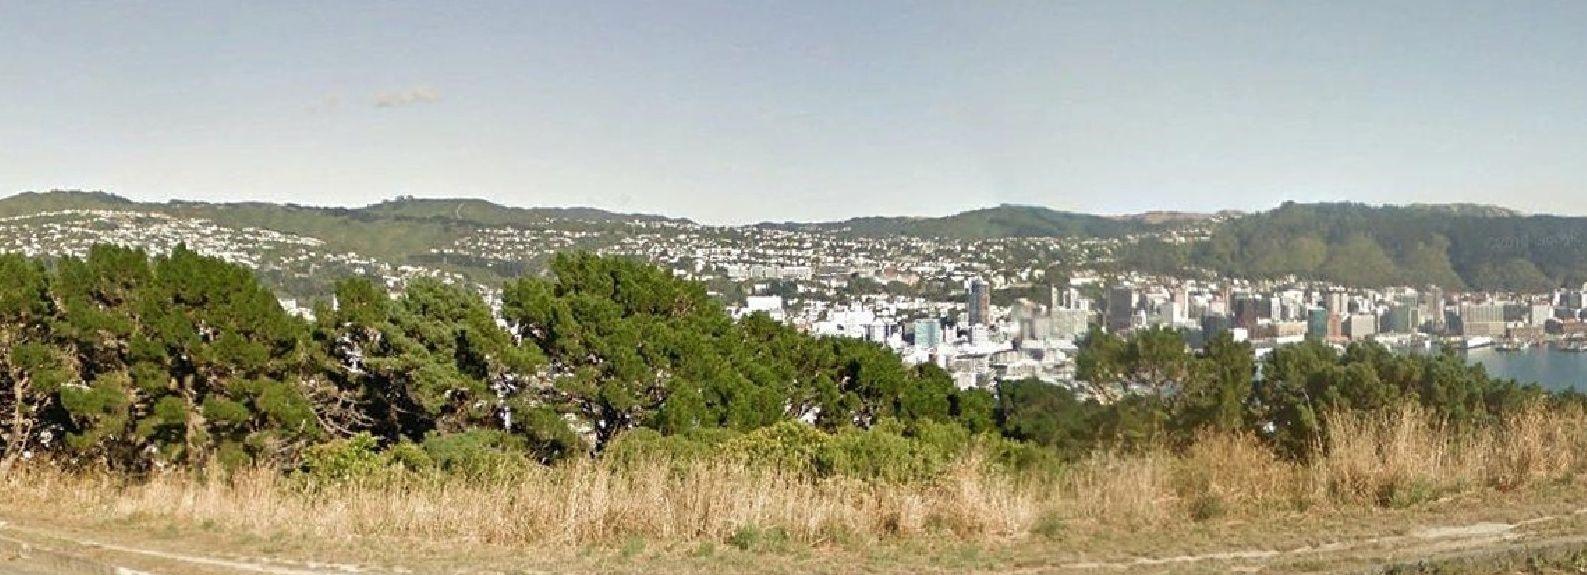 STREET VIEW : Les panoramas - Page 3 Pano_311